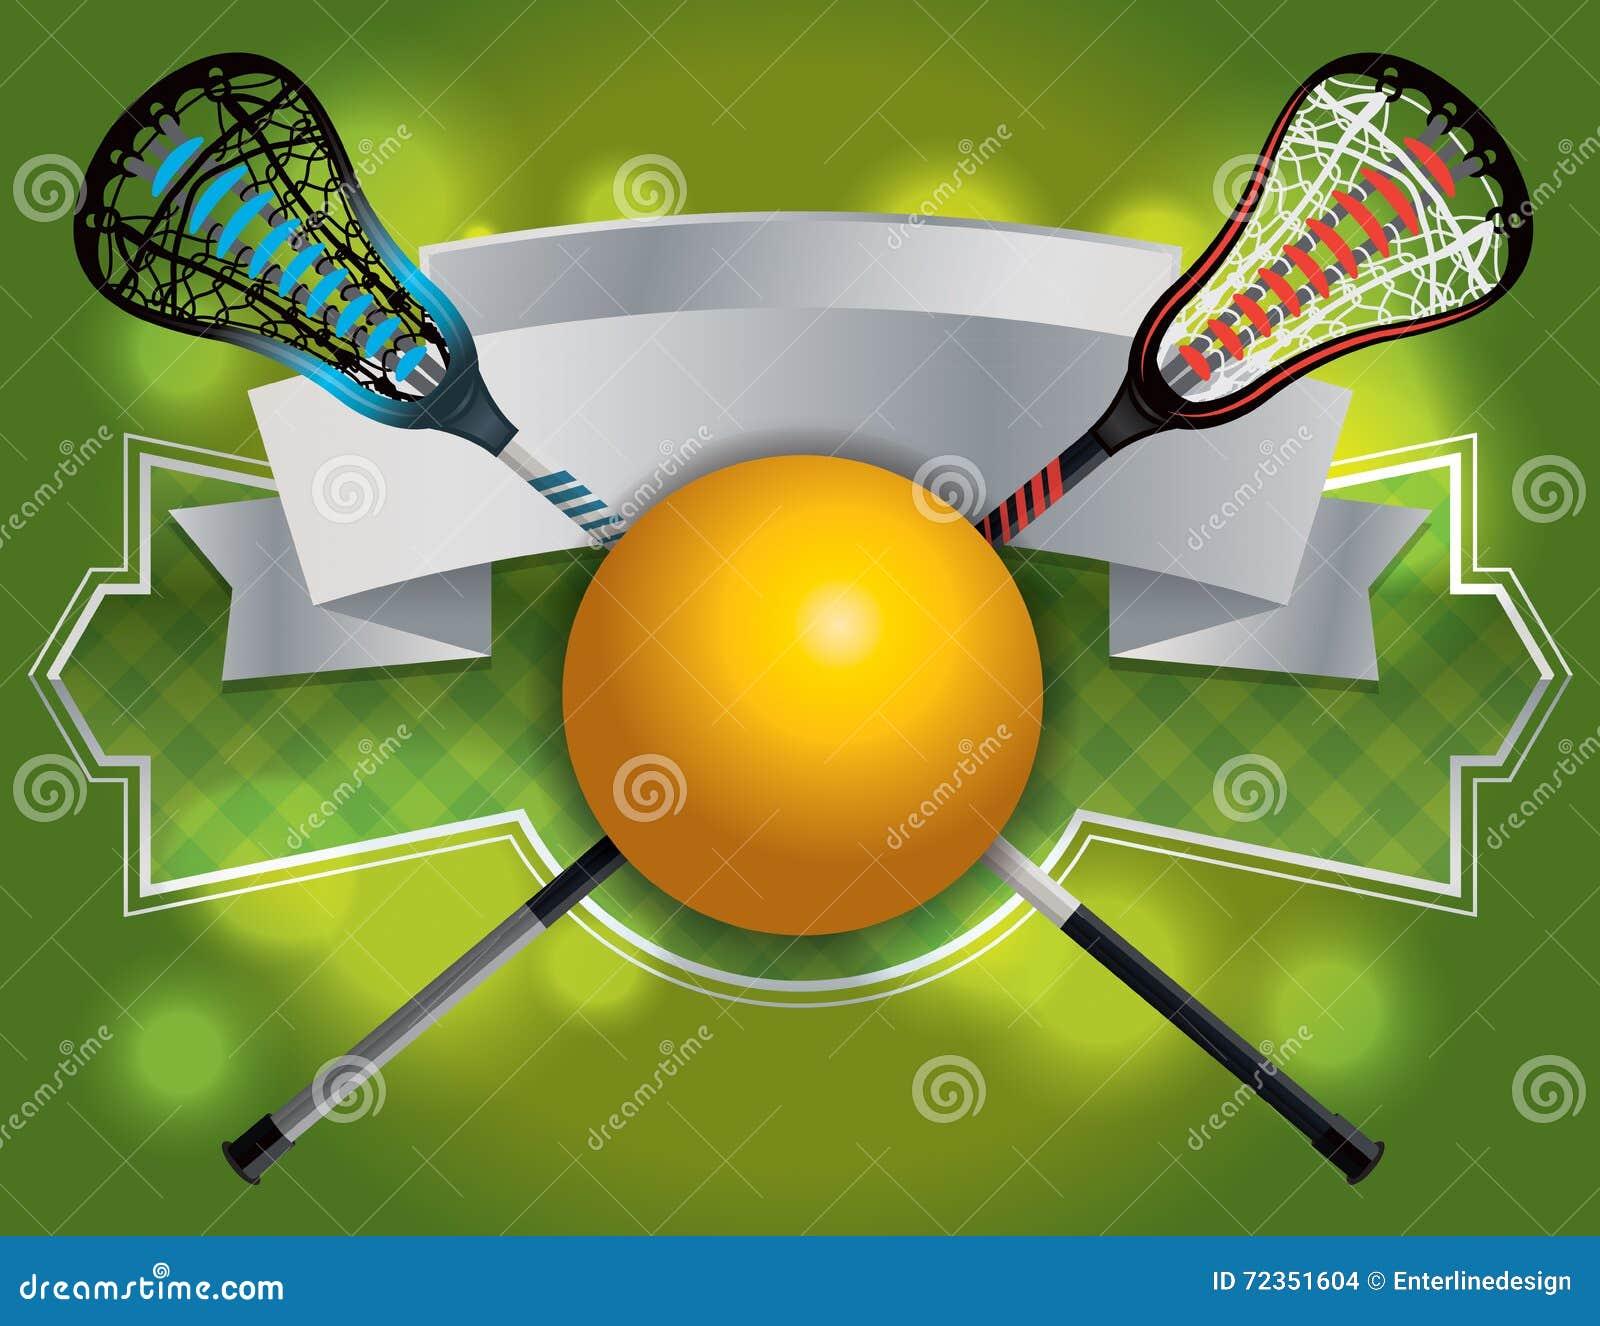 曲棍网兜球象征和横幅例证